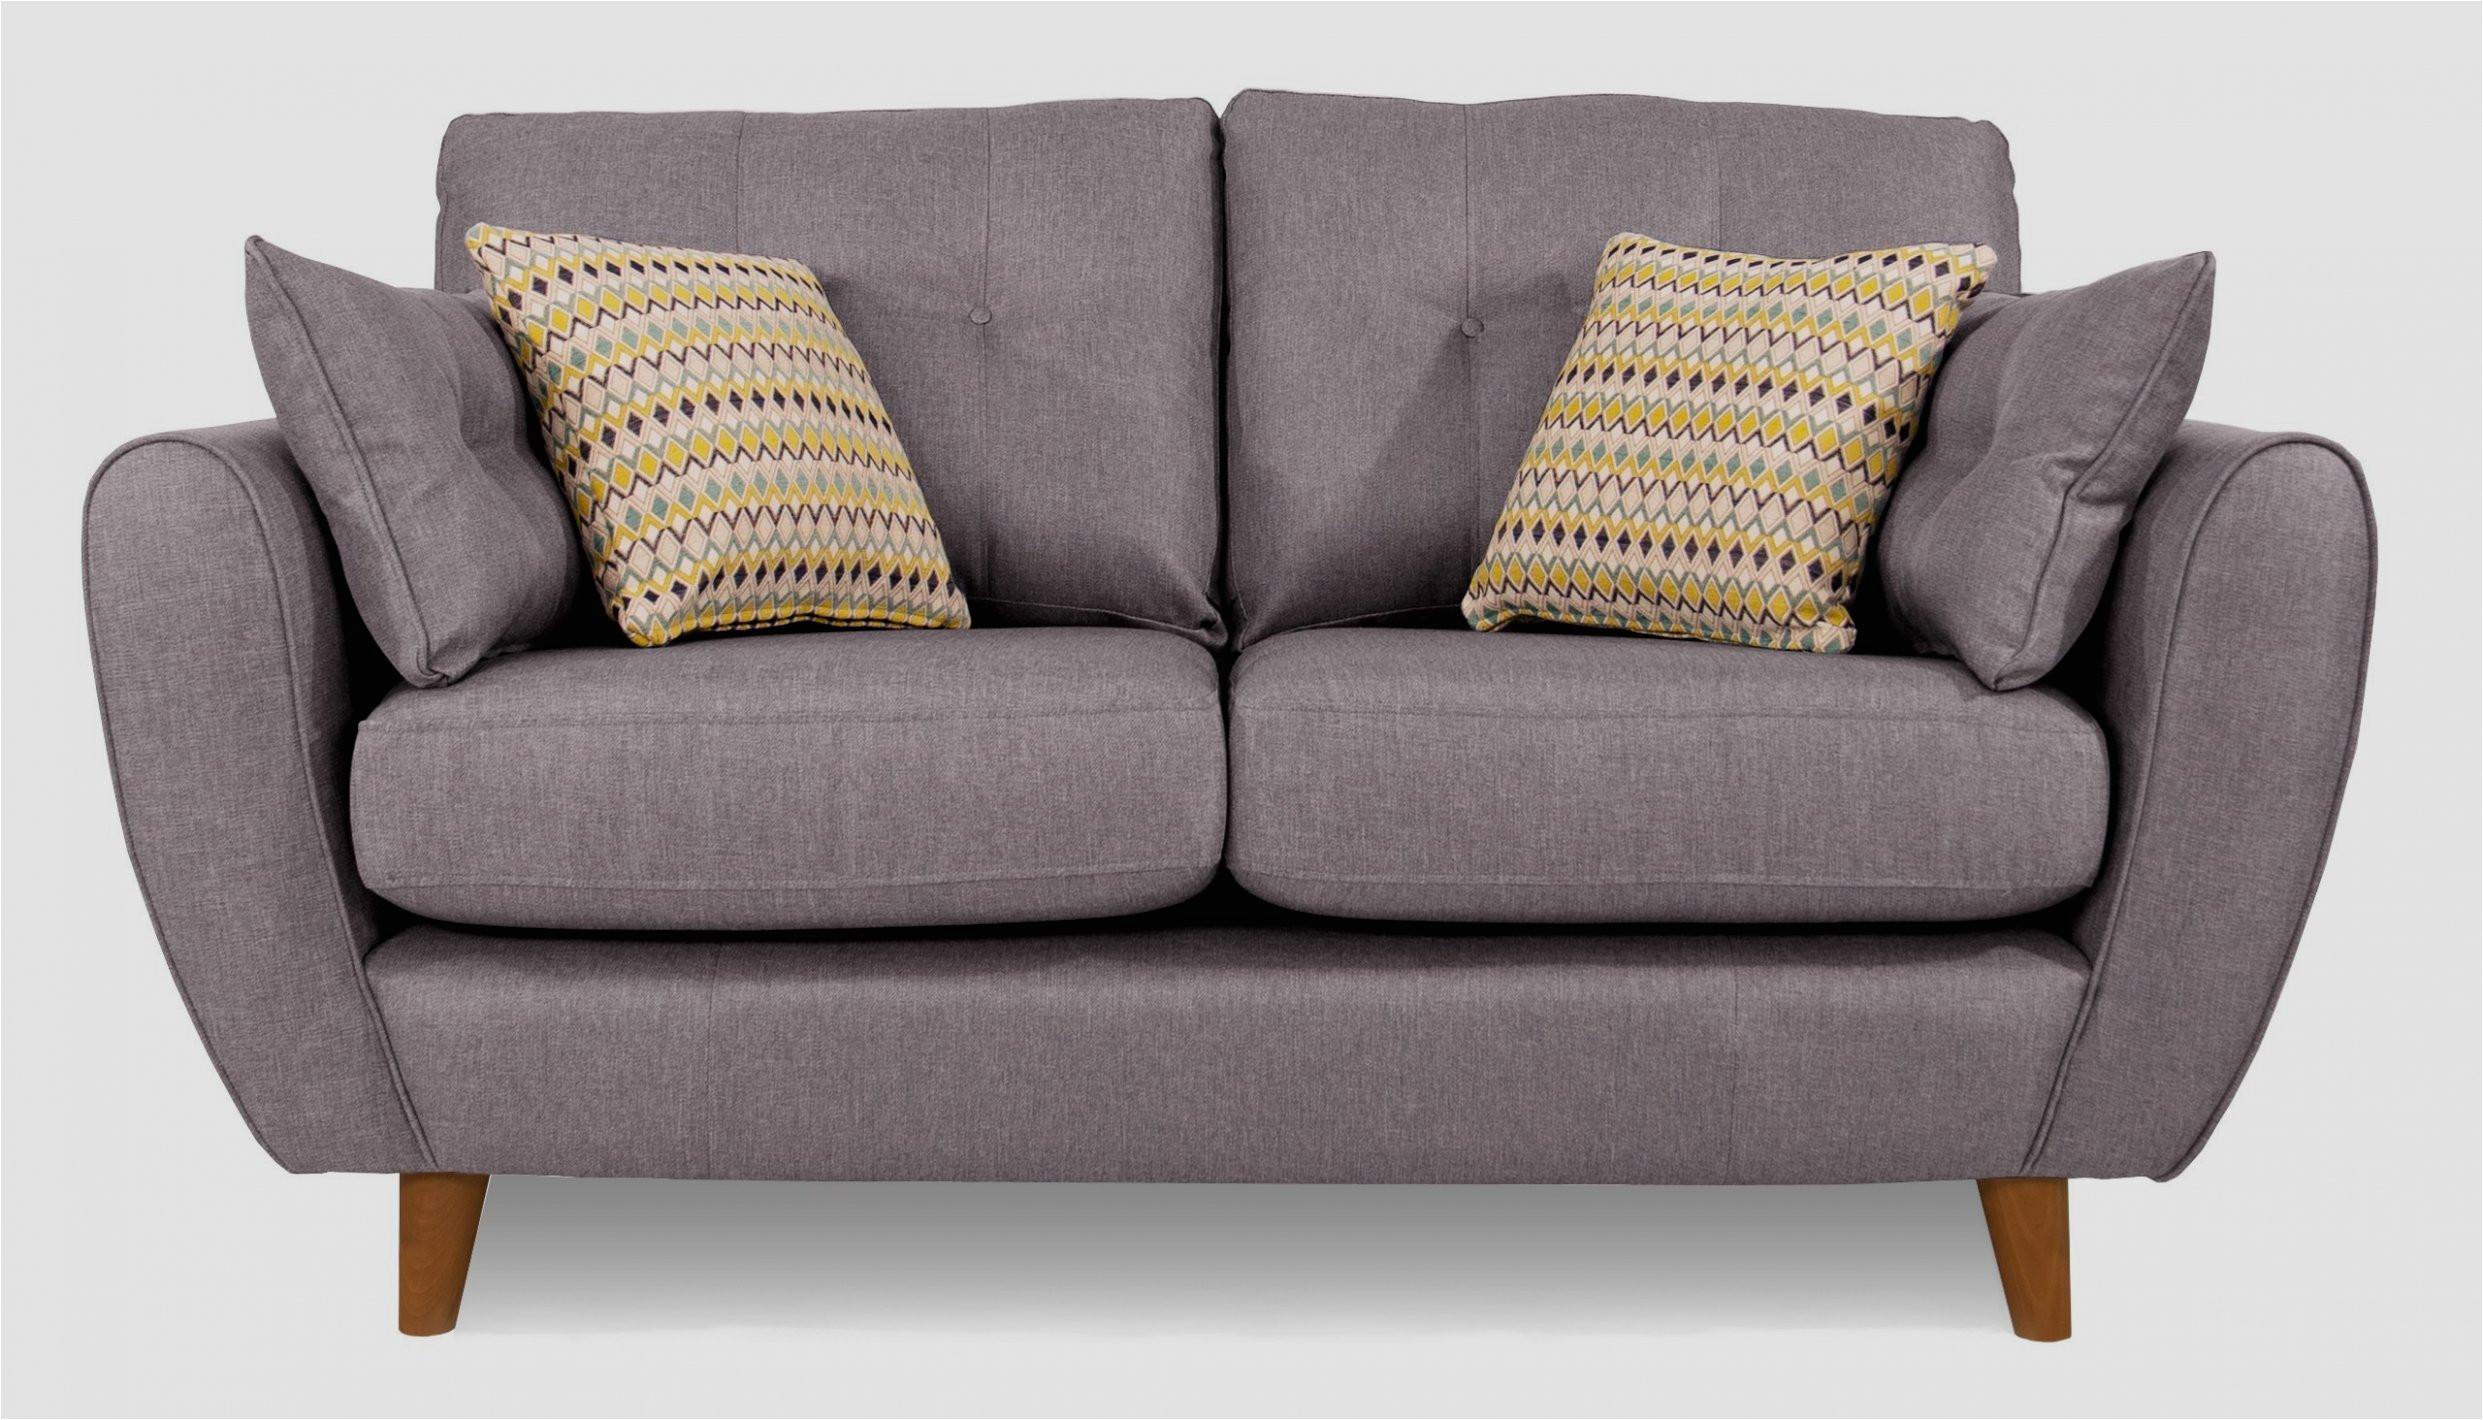 Cama infantil ikea segunda mano barcelona 25 lindo sofas for Sofas segunda mano madrid